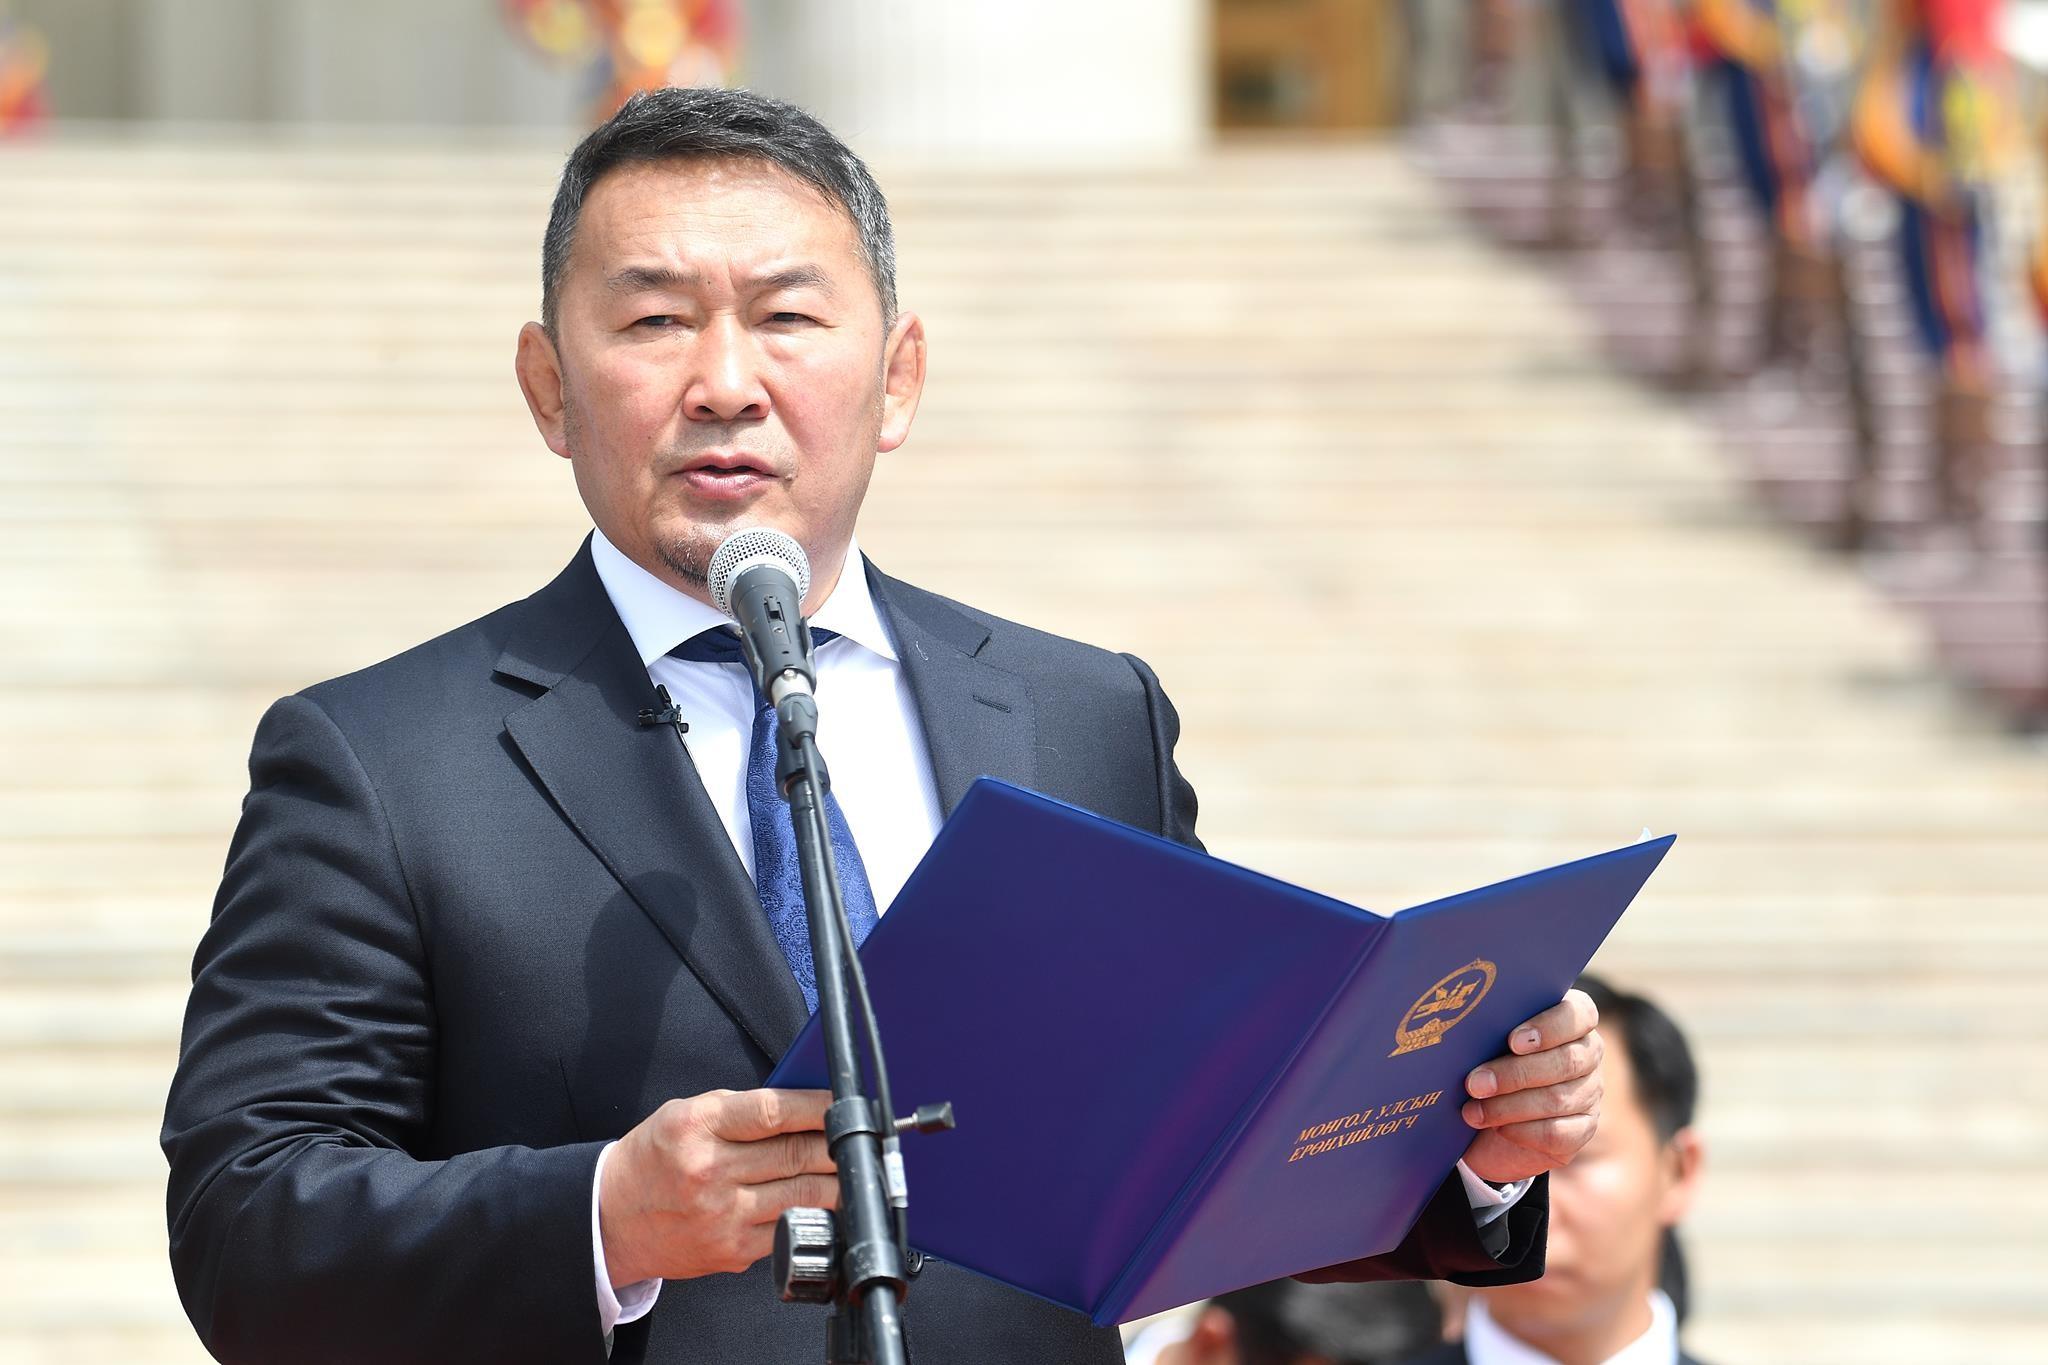 Ерөнхийлөгч Төрийн албаны зөвлөлийн даргад ёс зүйн хариуцлага тооцох санал хүргүүллээ